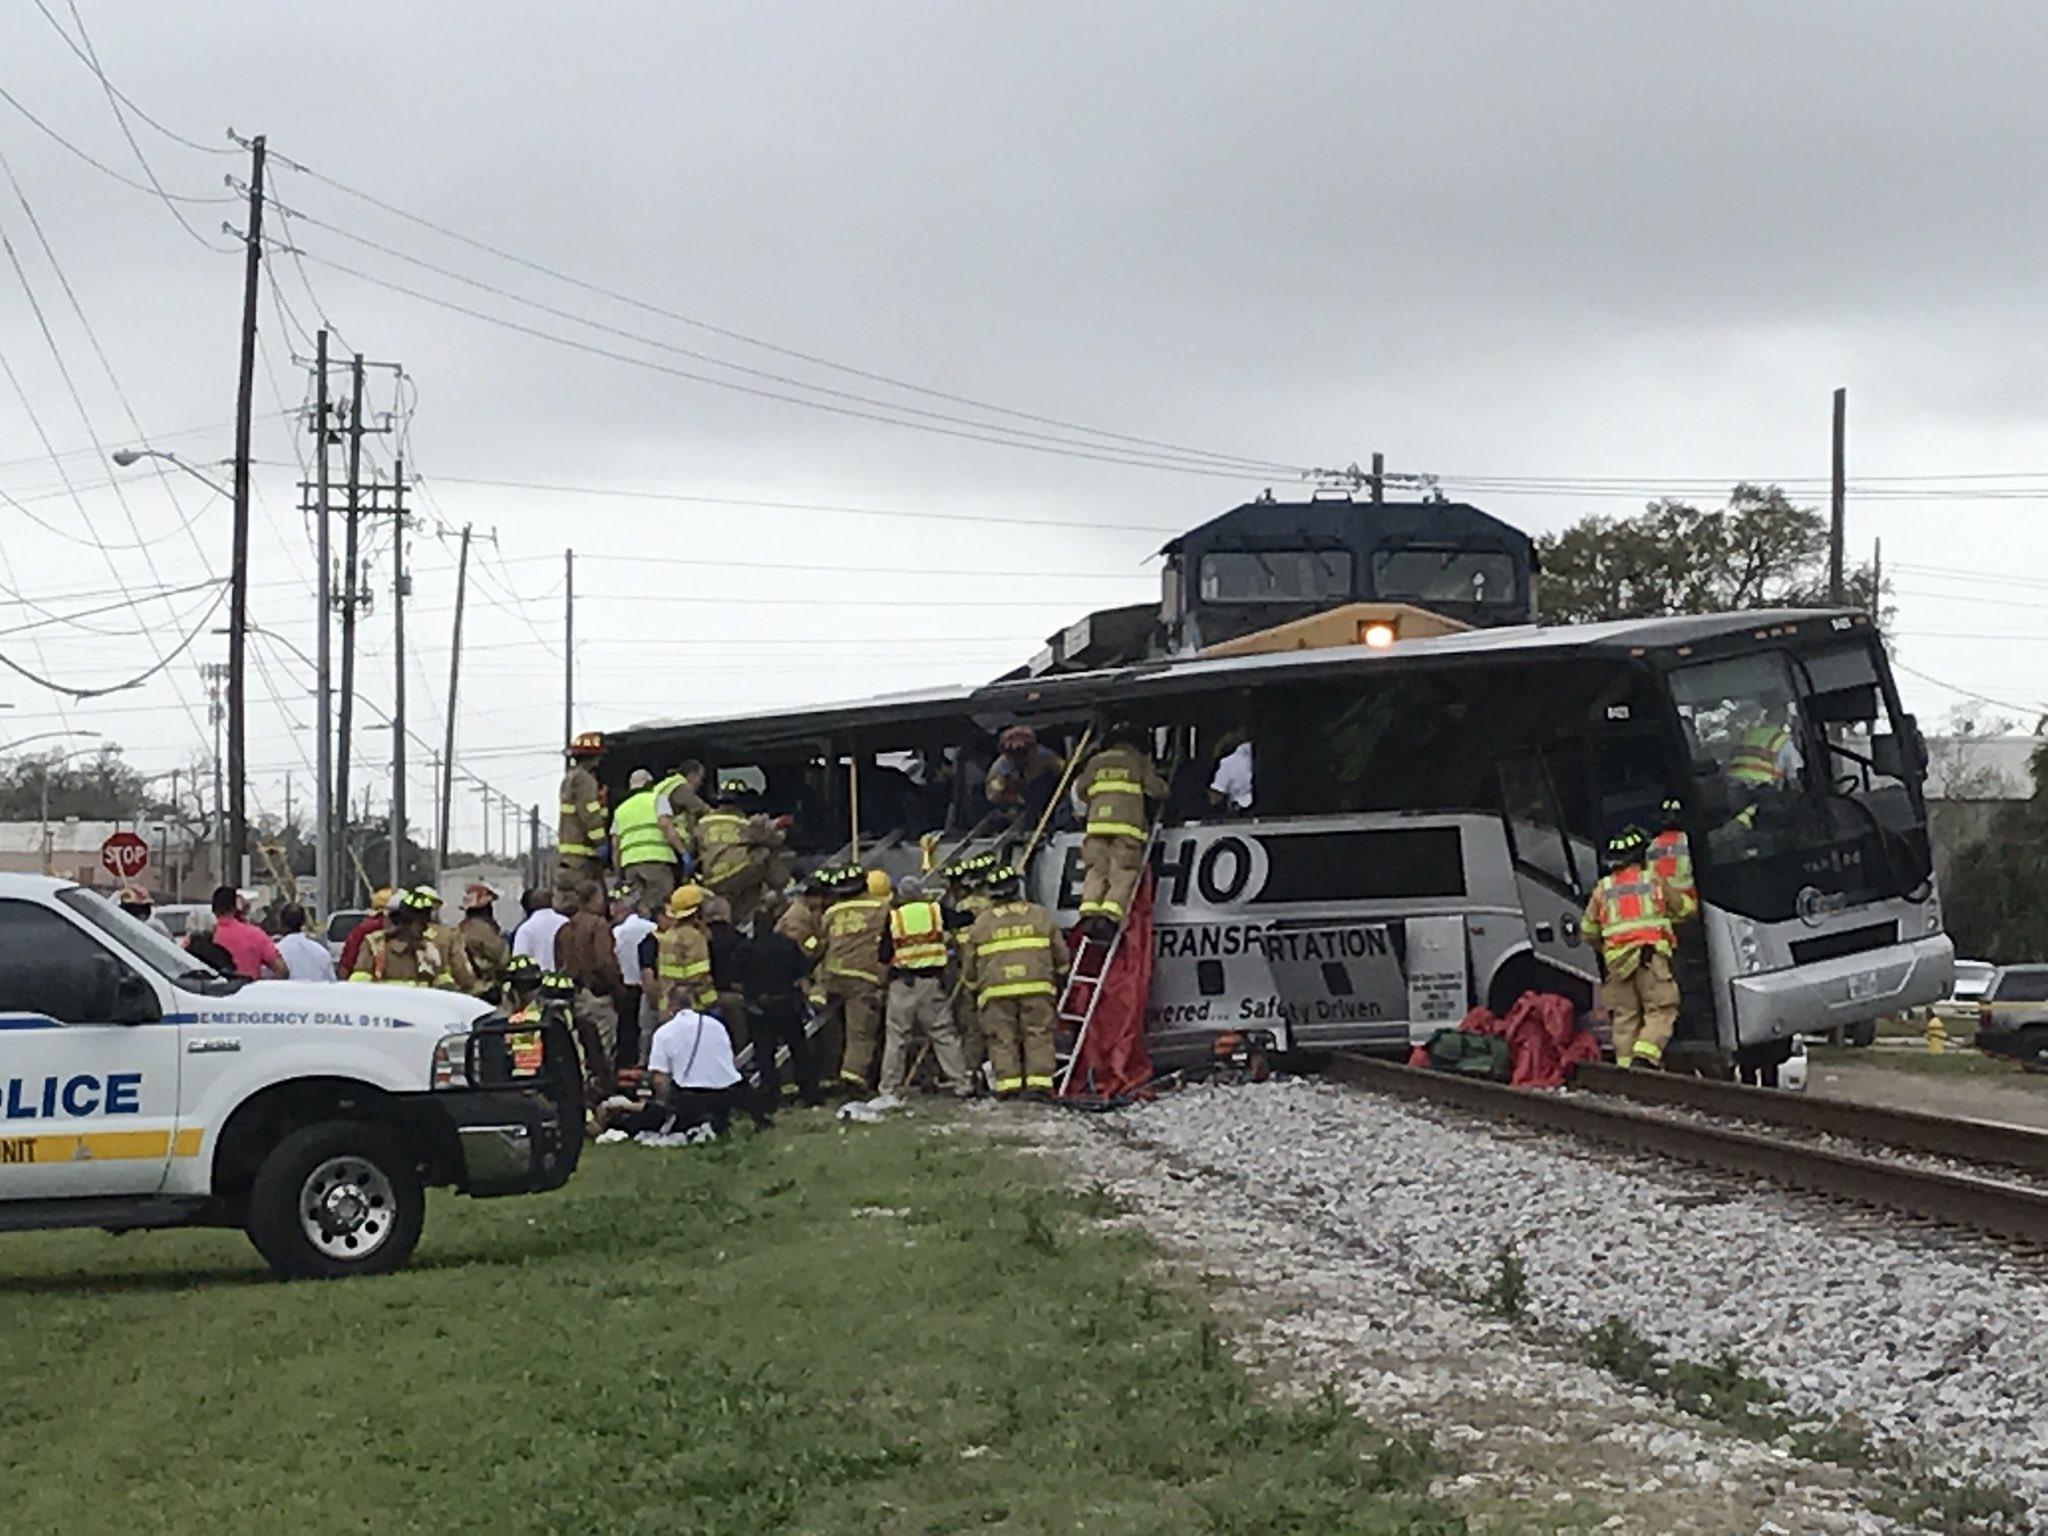 Accident grav in sudul Statelor Unite. Un autocar ce transporta varstnici a fost lovit in plin de o locomotiva